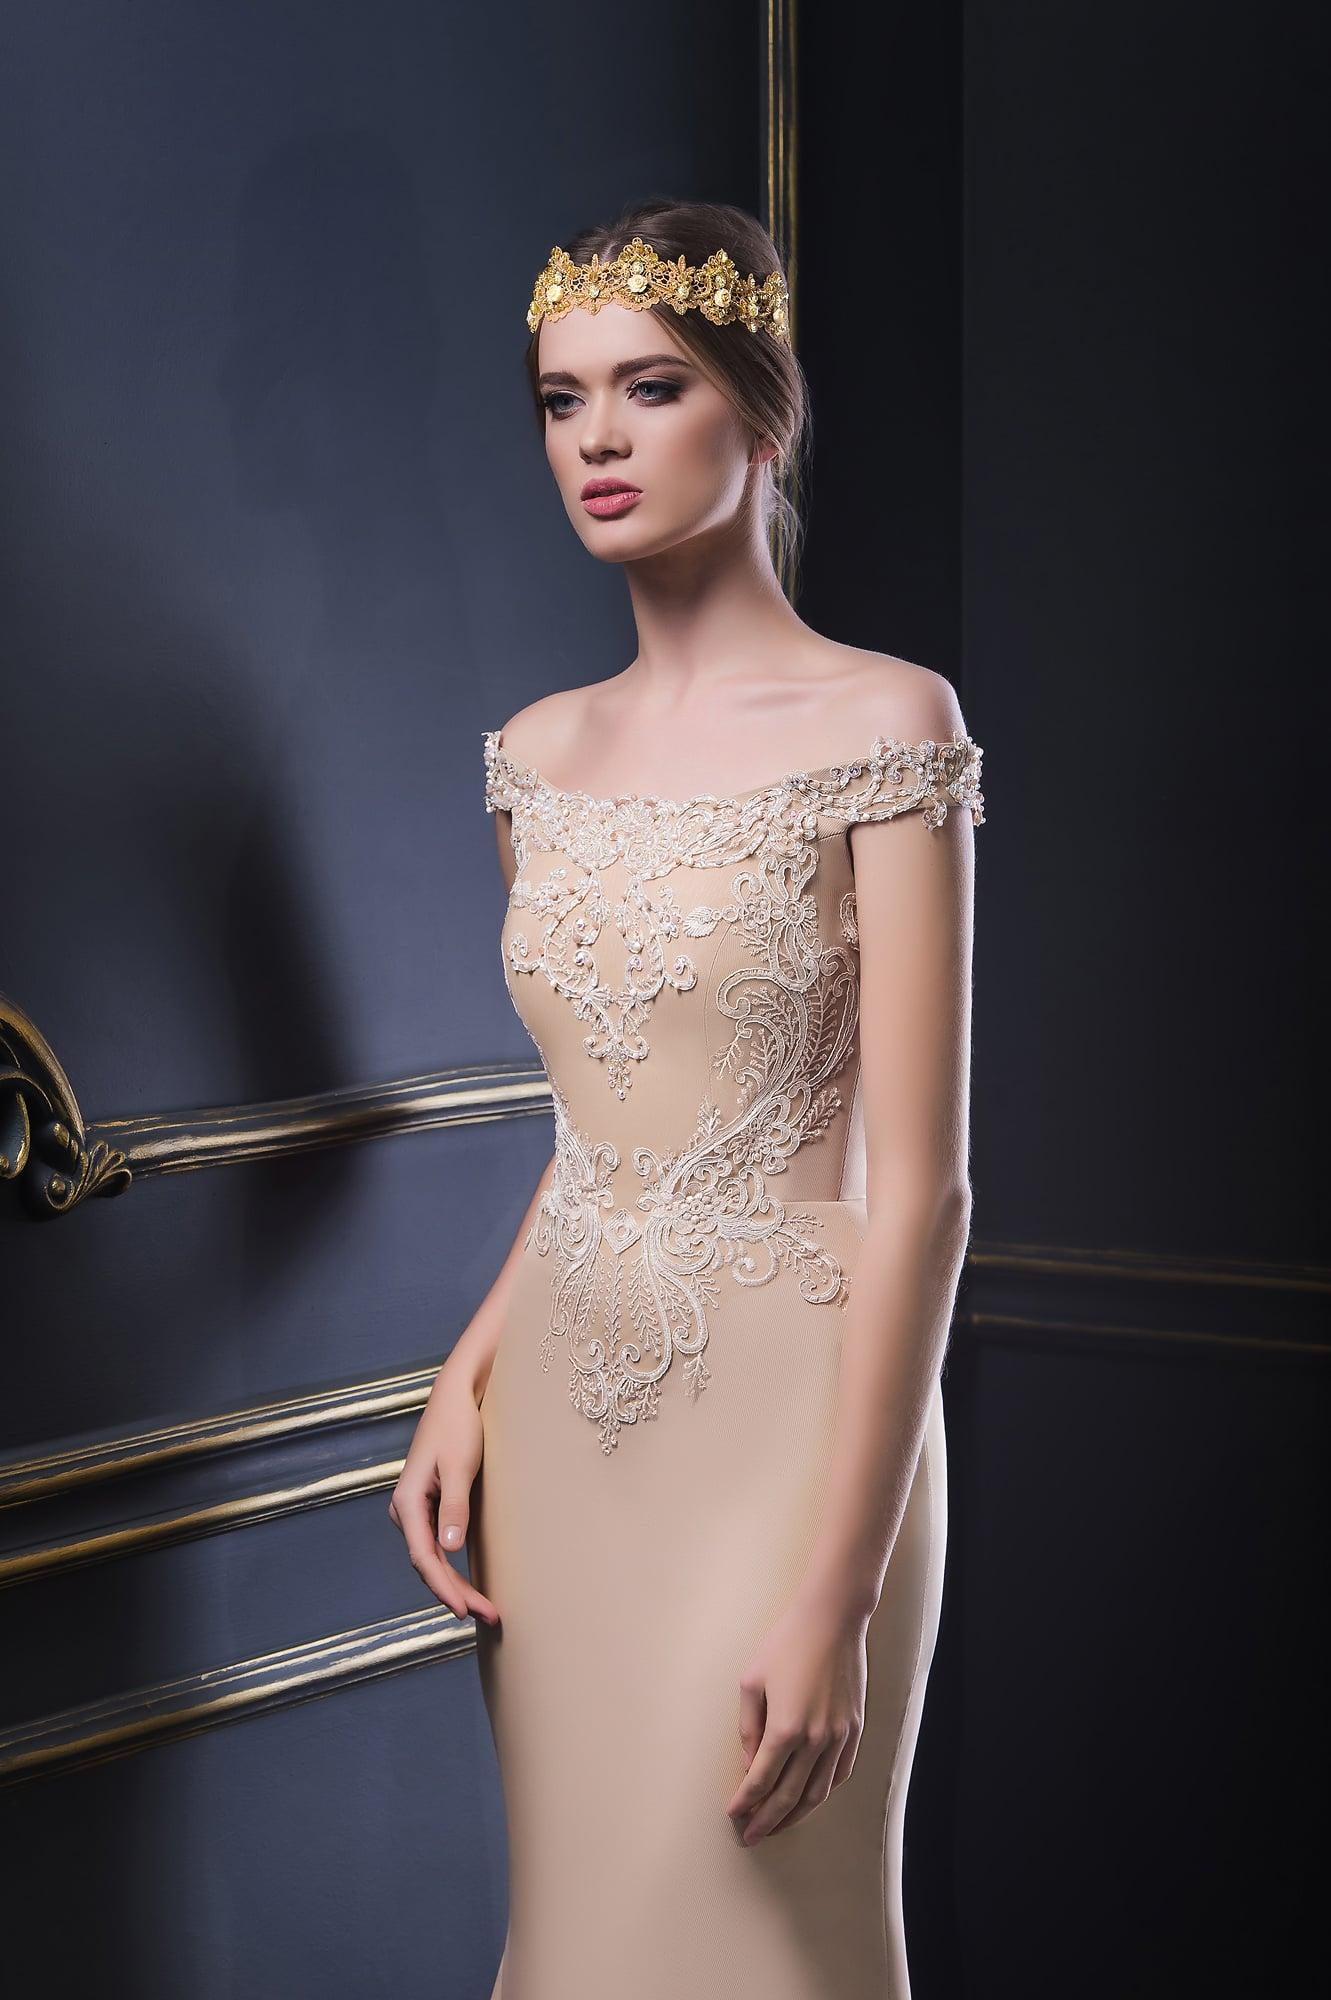 Платье Короткое Вечернее Недорогое Купить